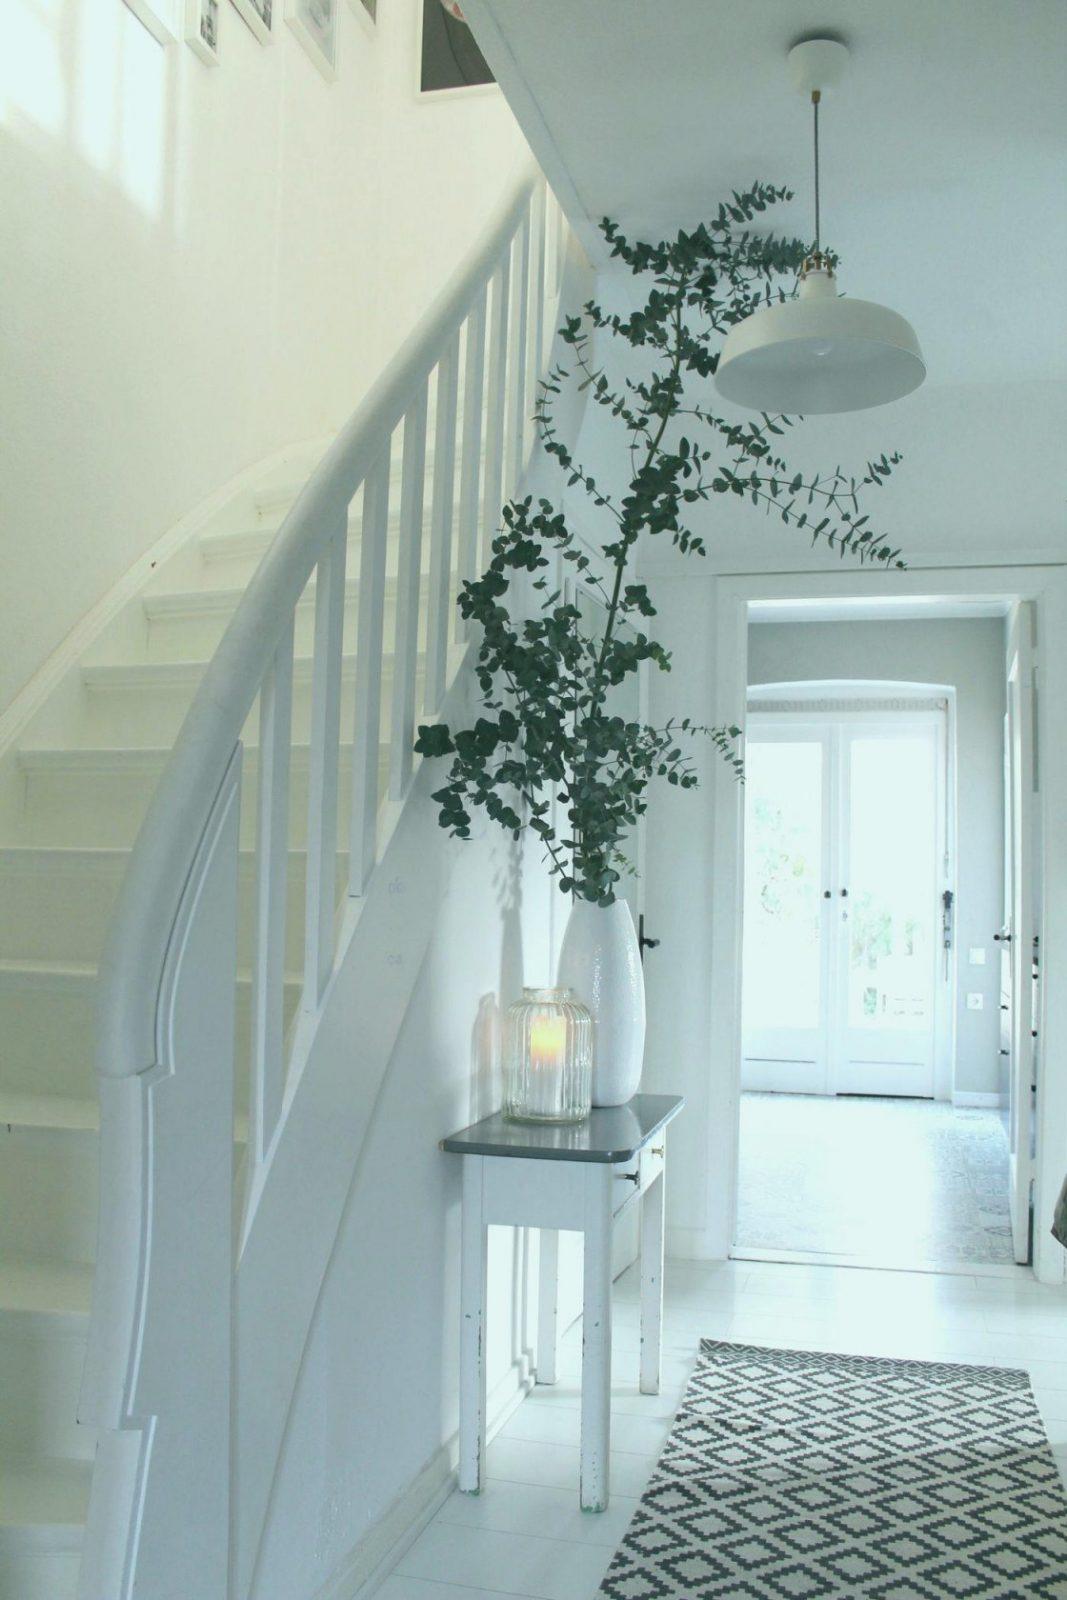 Deko Ideen Selbermachen Flur Modern Wanddeko Ideen Flur Haus Plan von Haus Dekoration Selber Machen Bild